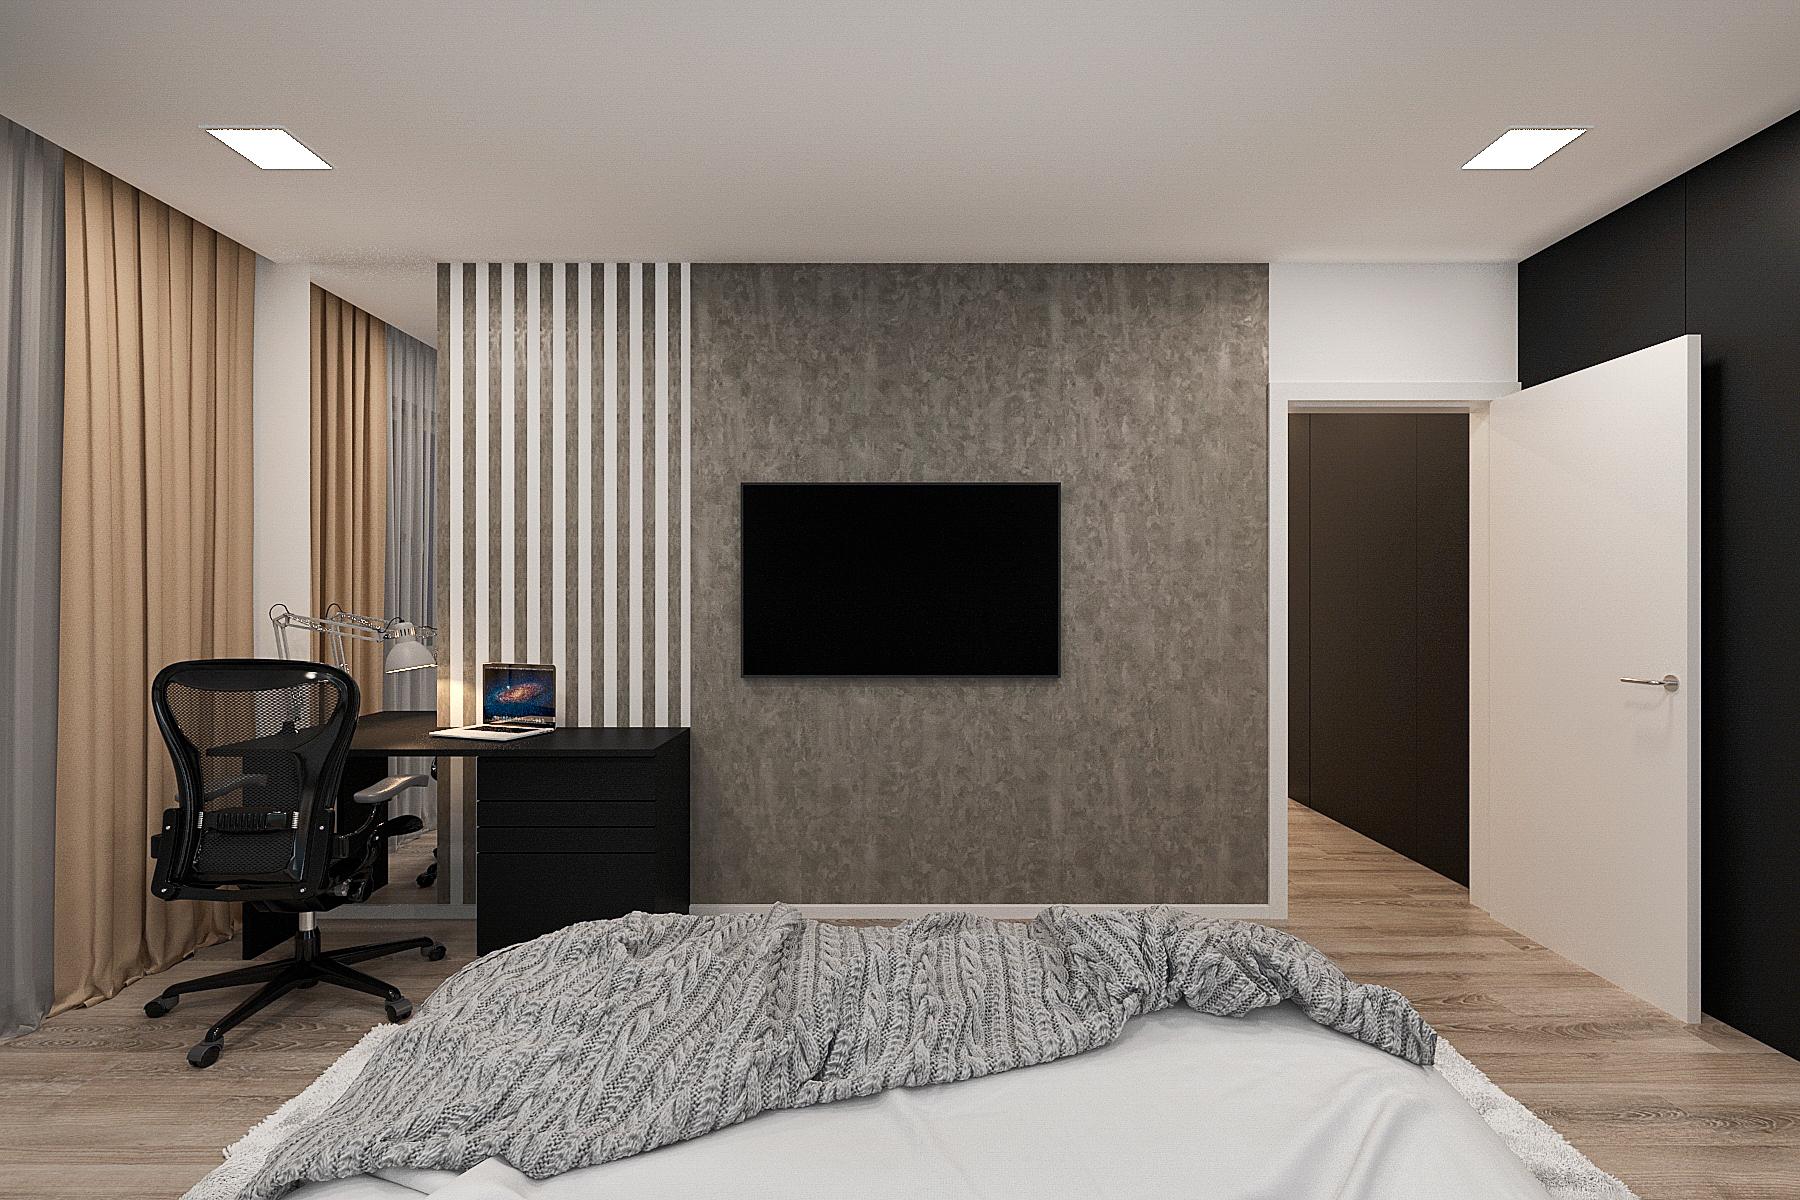 спальня интерьера в современном стиле, фото 2